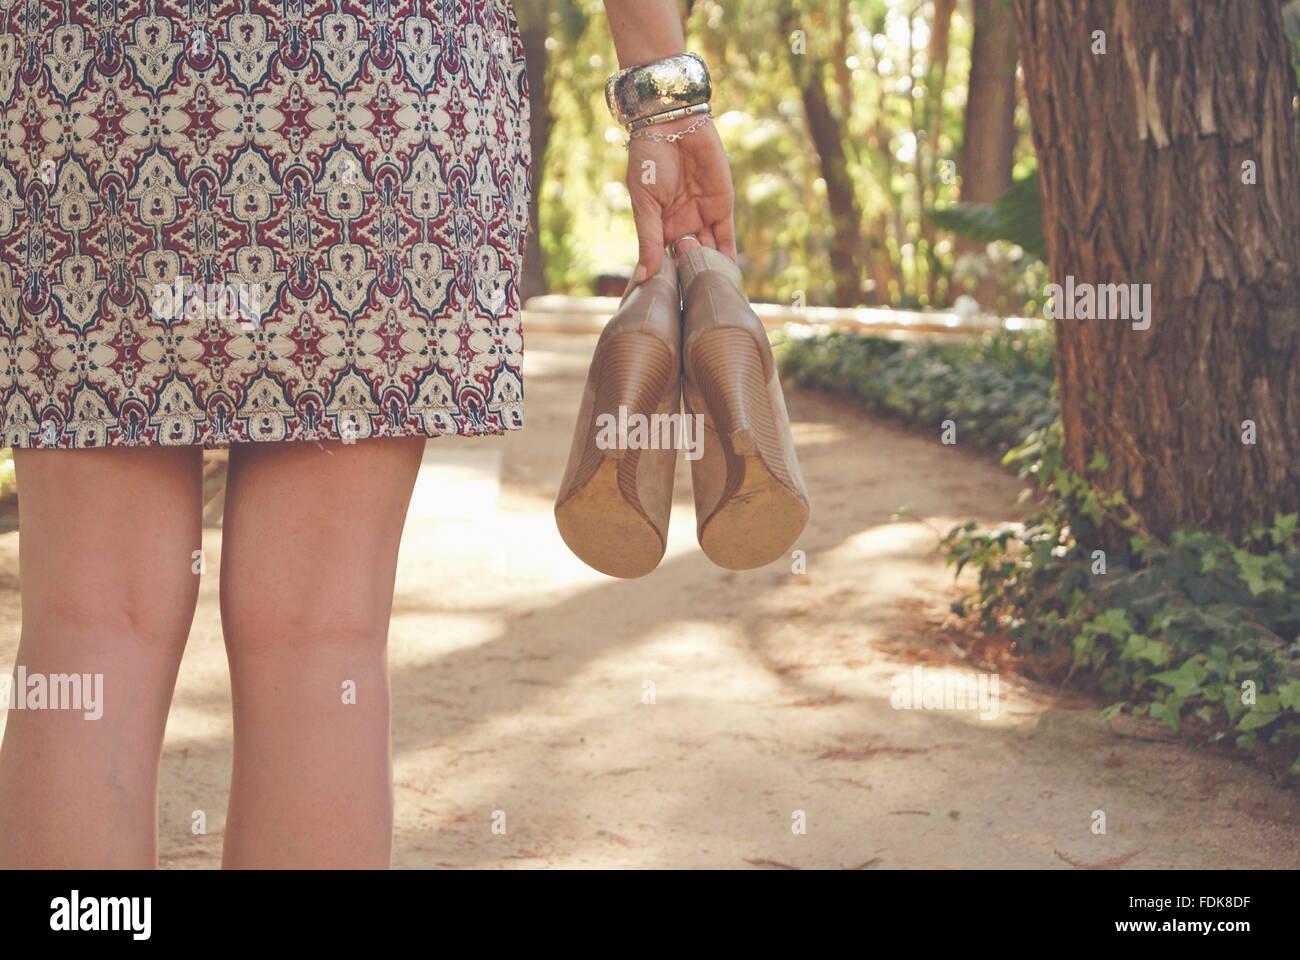 Vista trasera de una mujer sosteniendo par de zapatos. Foto de stock